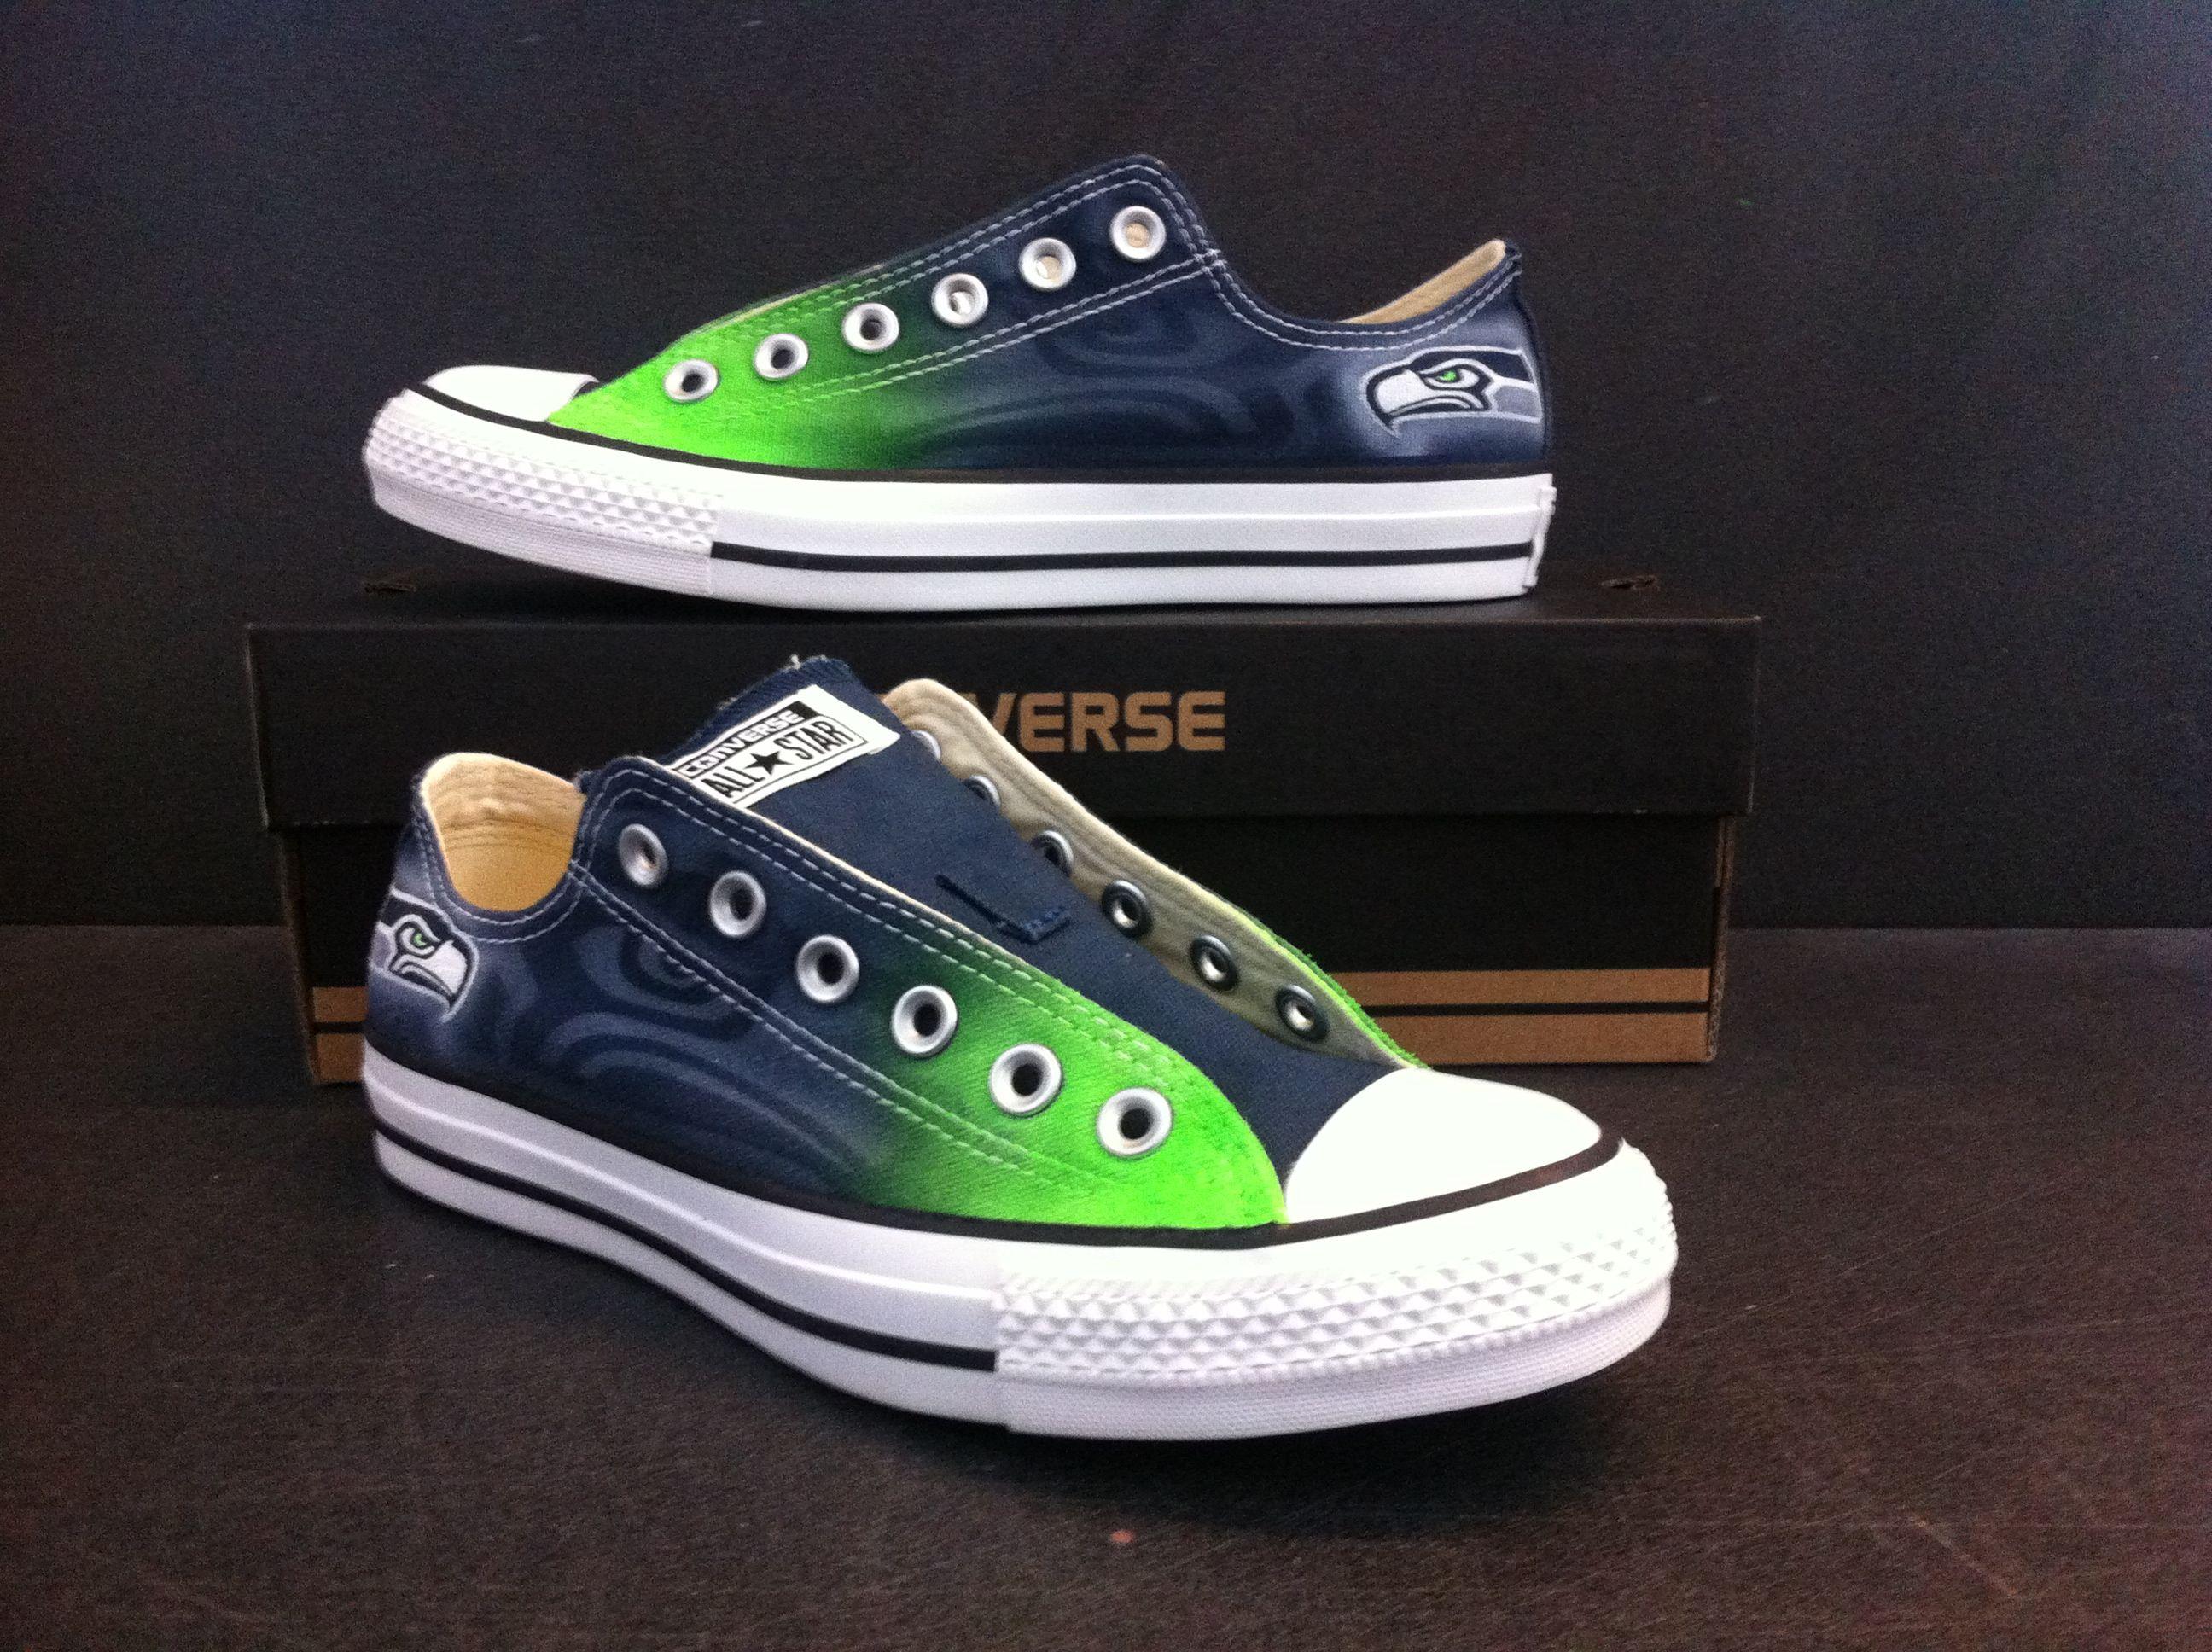 86d646487d415a Converse Green Fade Seahawks by Eye Kandy Design